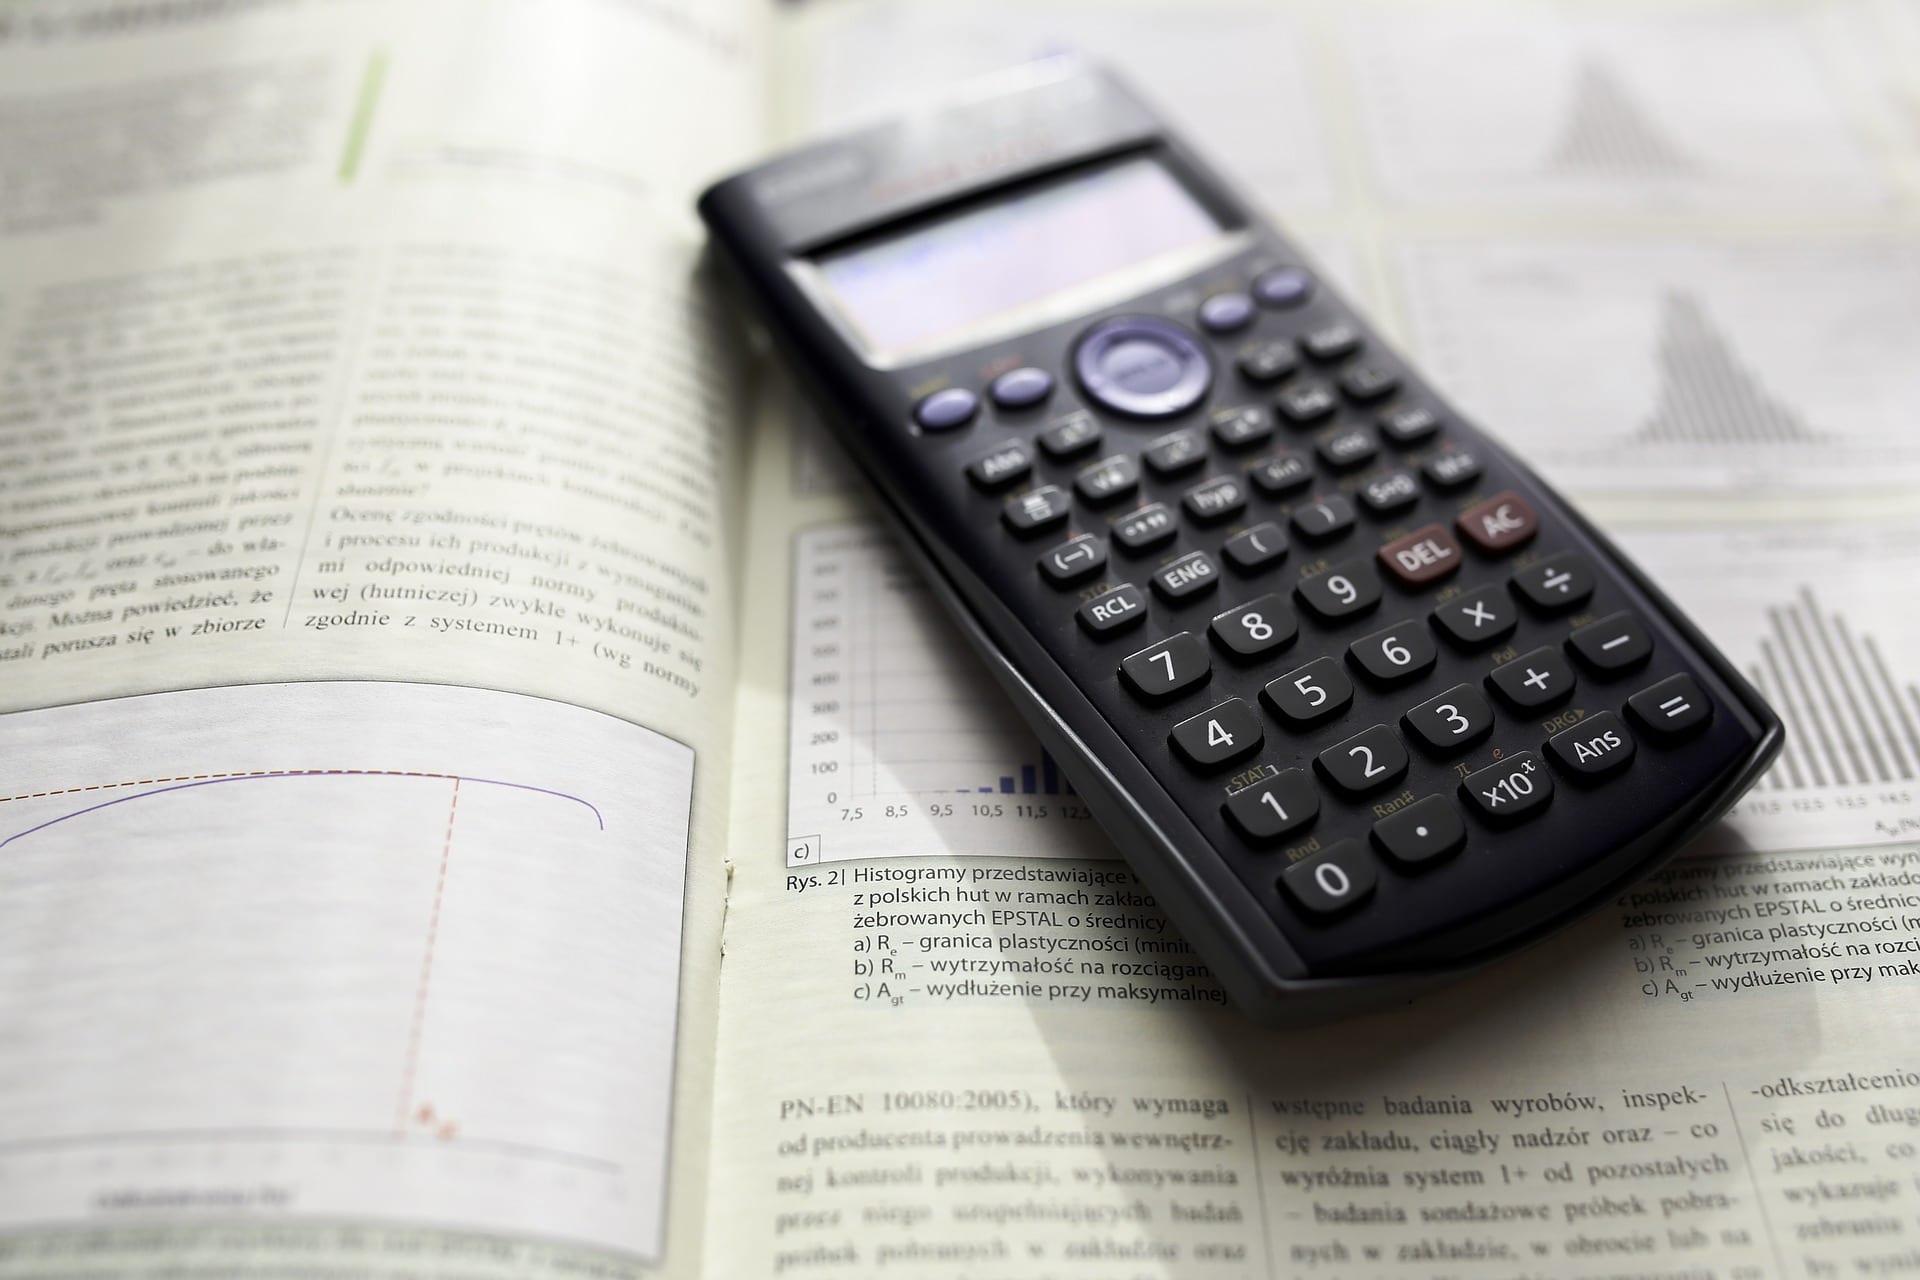 La mejor calculadora científica gratis para Android